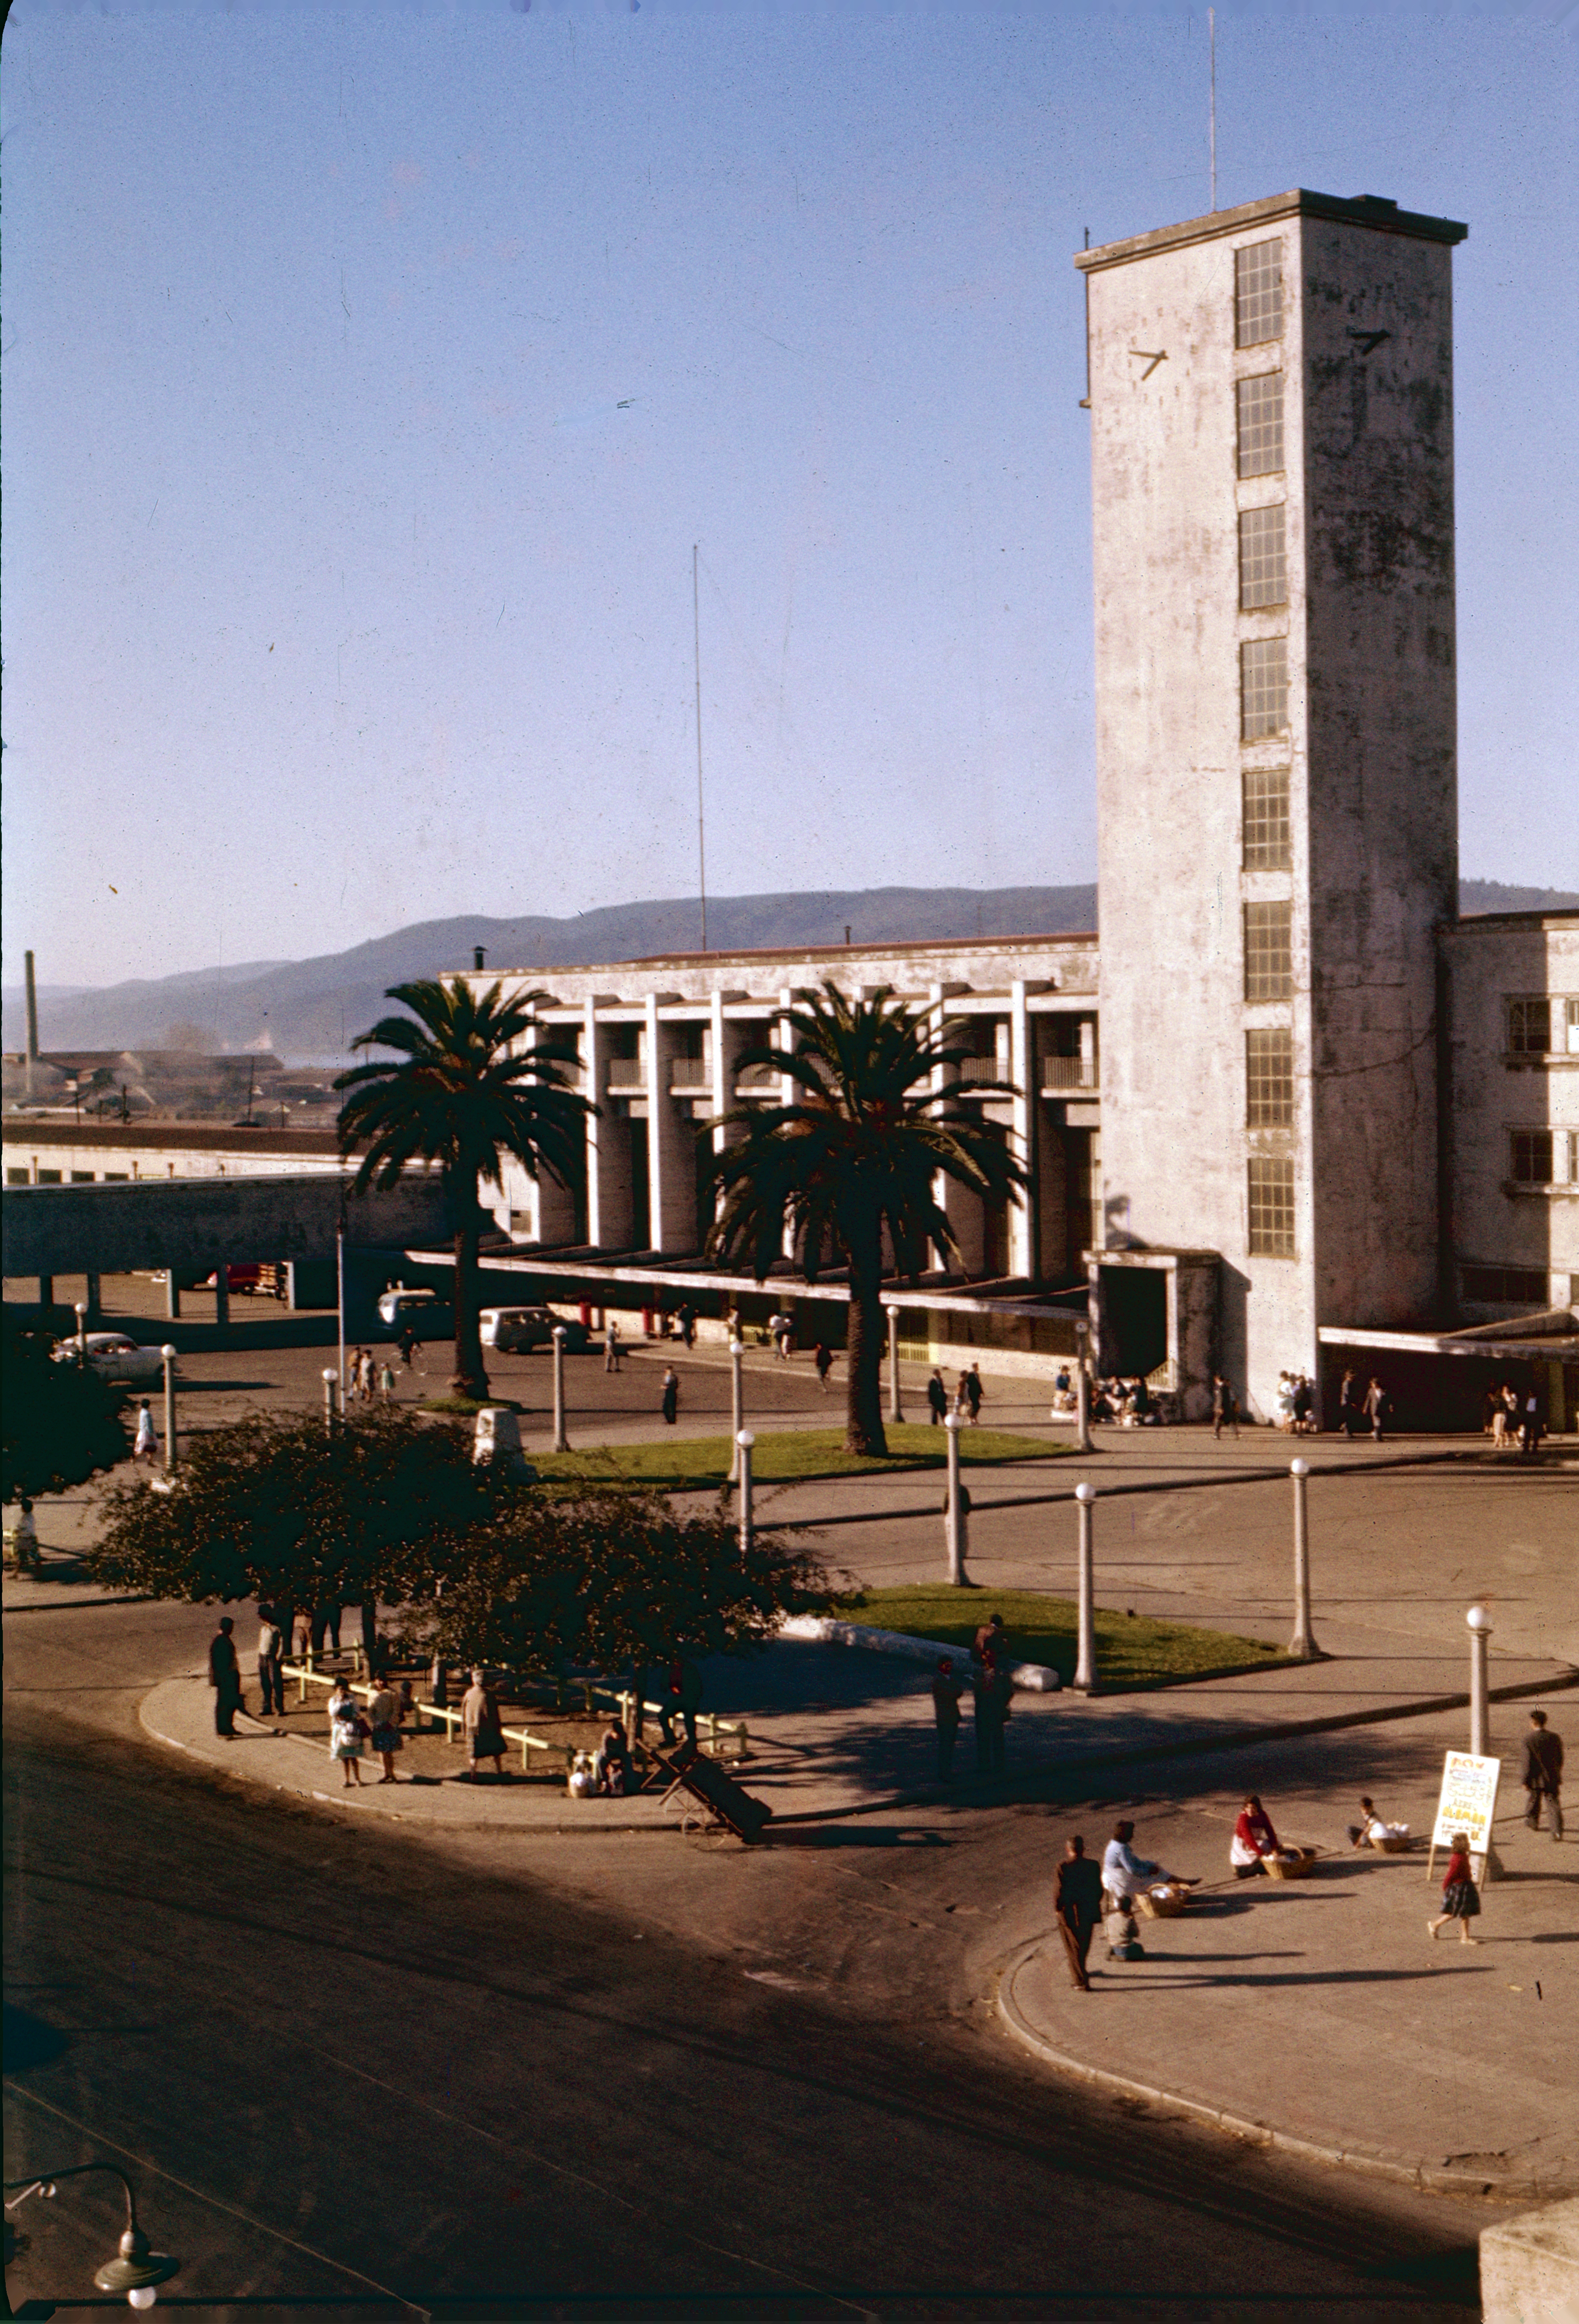 Enterreno - Fotos históricas de chile - fotos antiguas de Chile - Estación de Ferrocarriles de Concepción en los años 60s